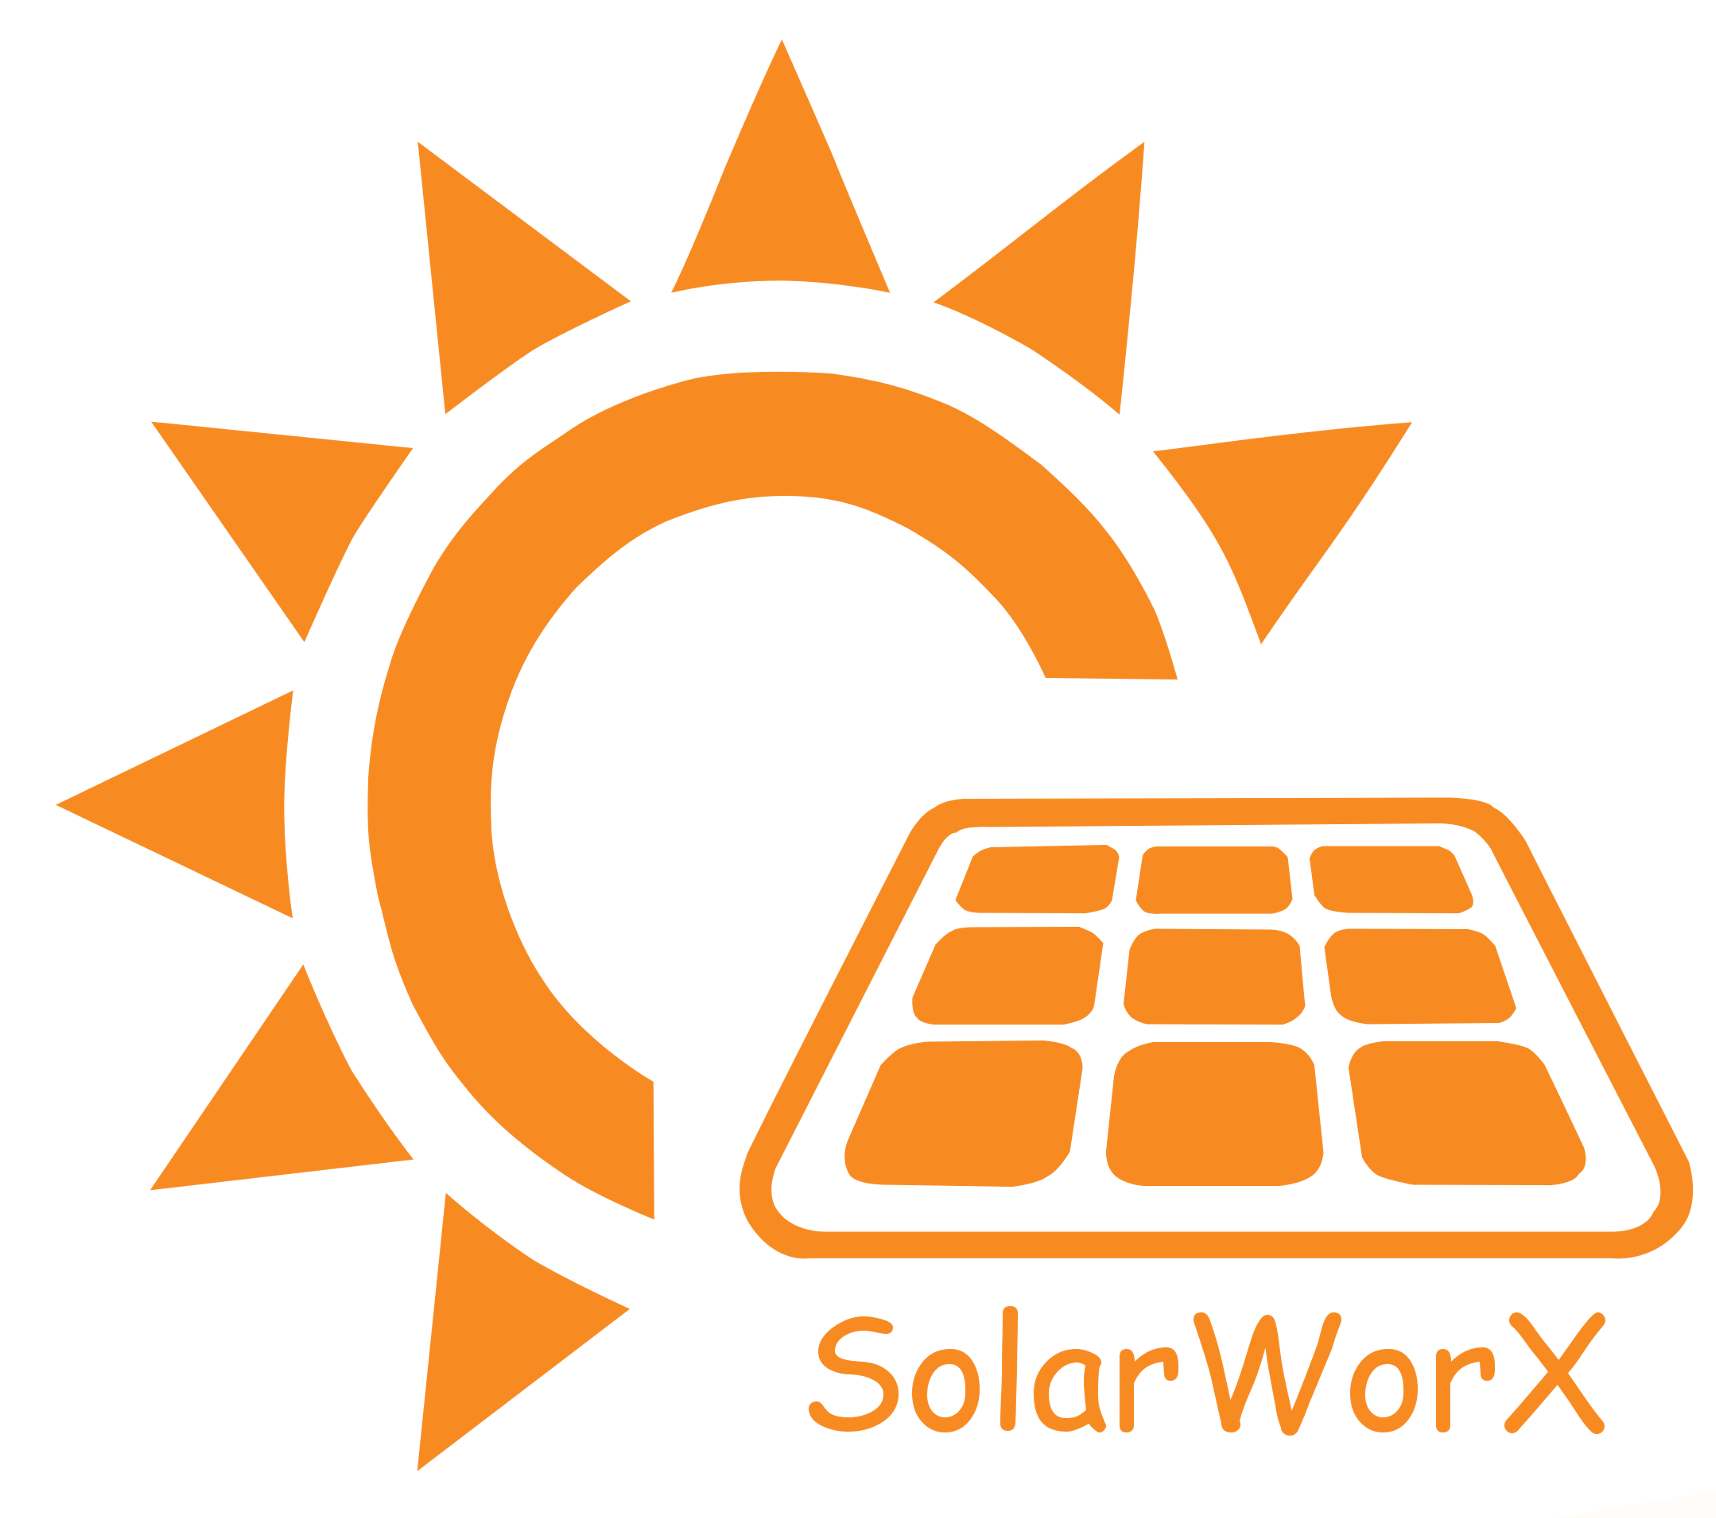 Solarworx logo